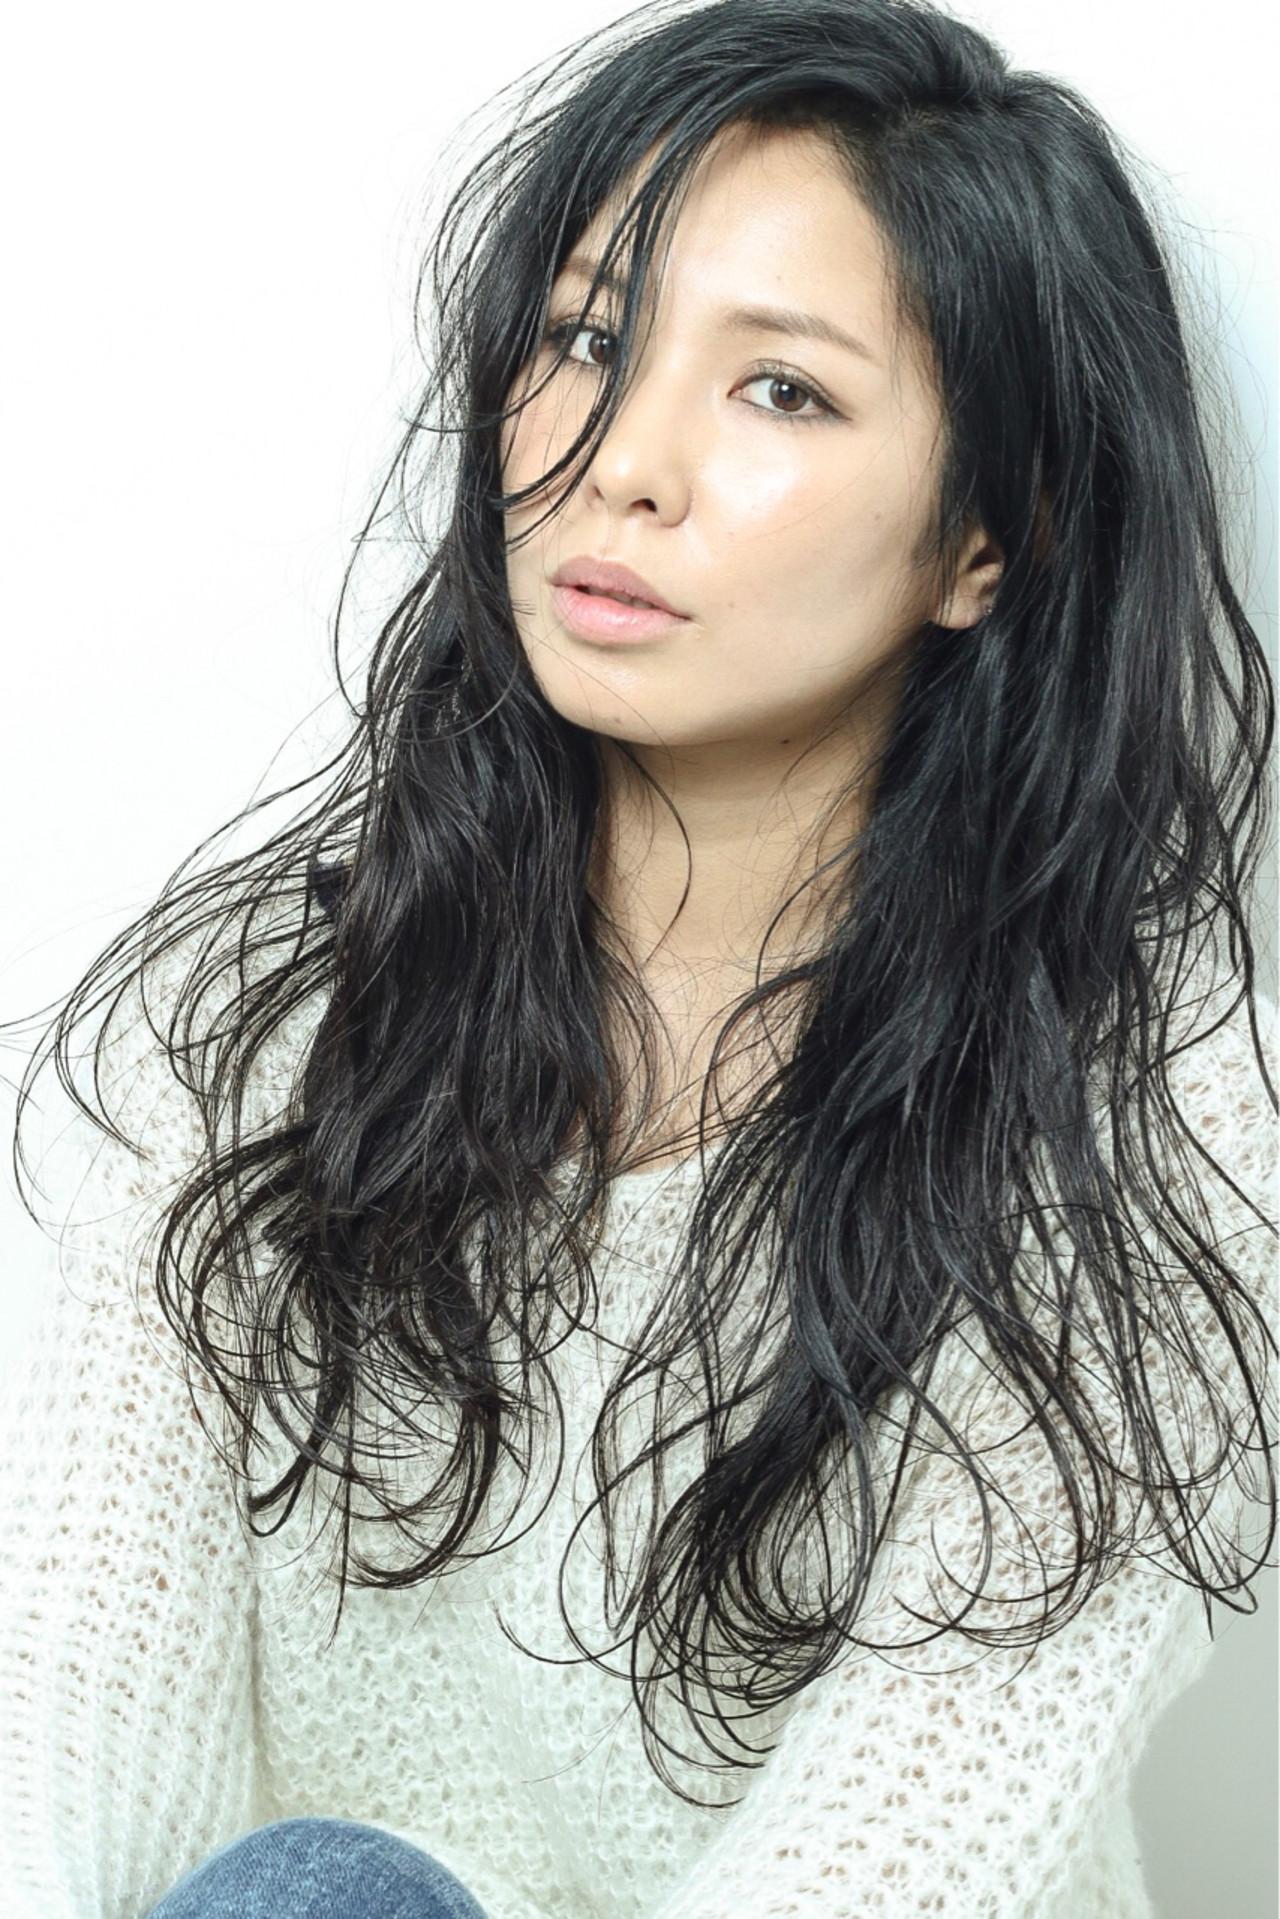 黒髪 大人女子 ボーイッシュ フェミニン ヘアスタイルや髪型の写真・画像